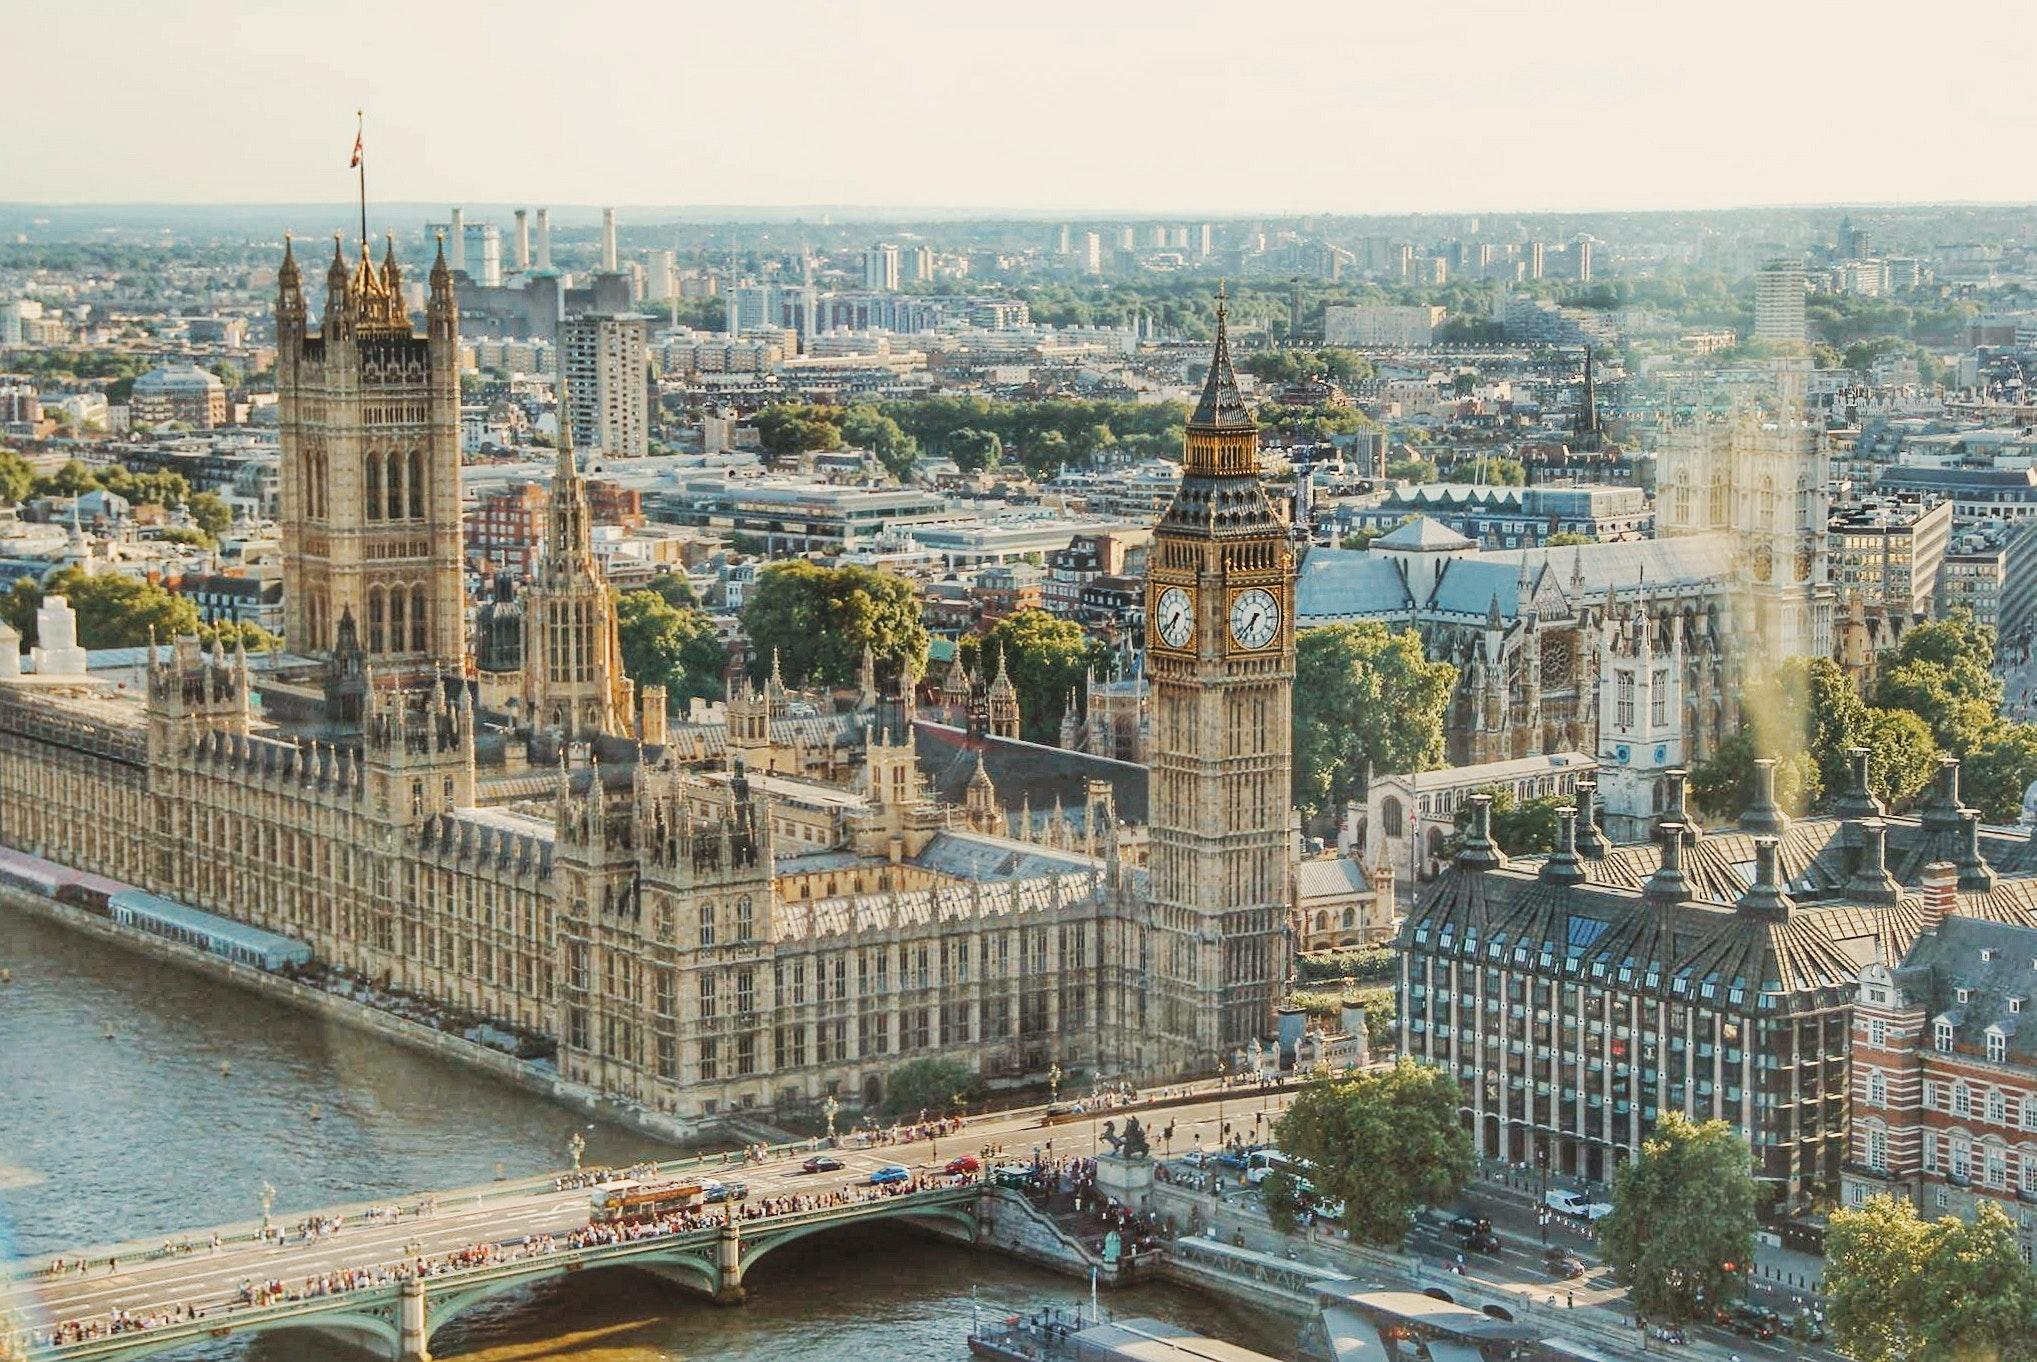 İngiltere'de Oturum İzni Almak İçin İncelemeniz Gereken Yeni Vize Türleri – 2021